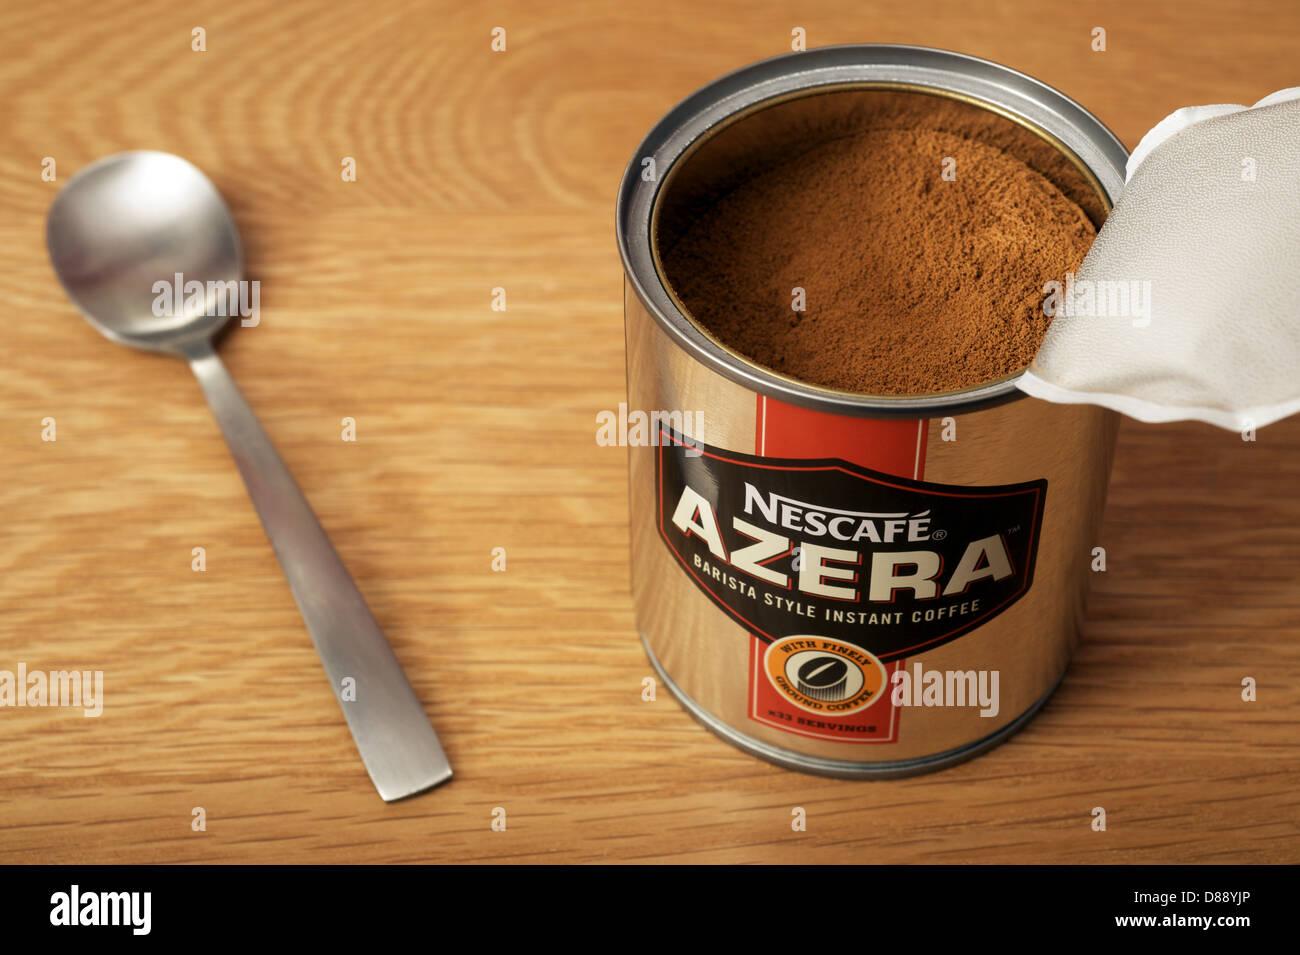 how to make nescafe espresso instant coffee